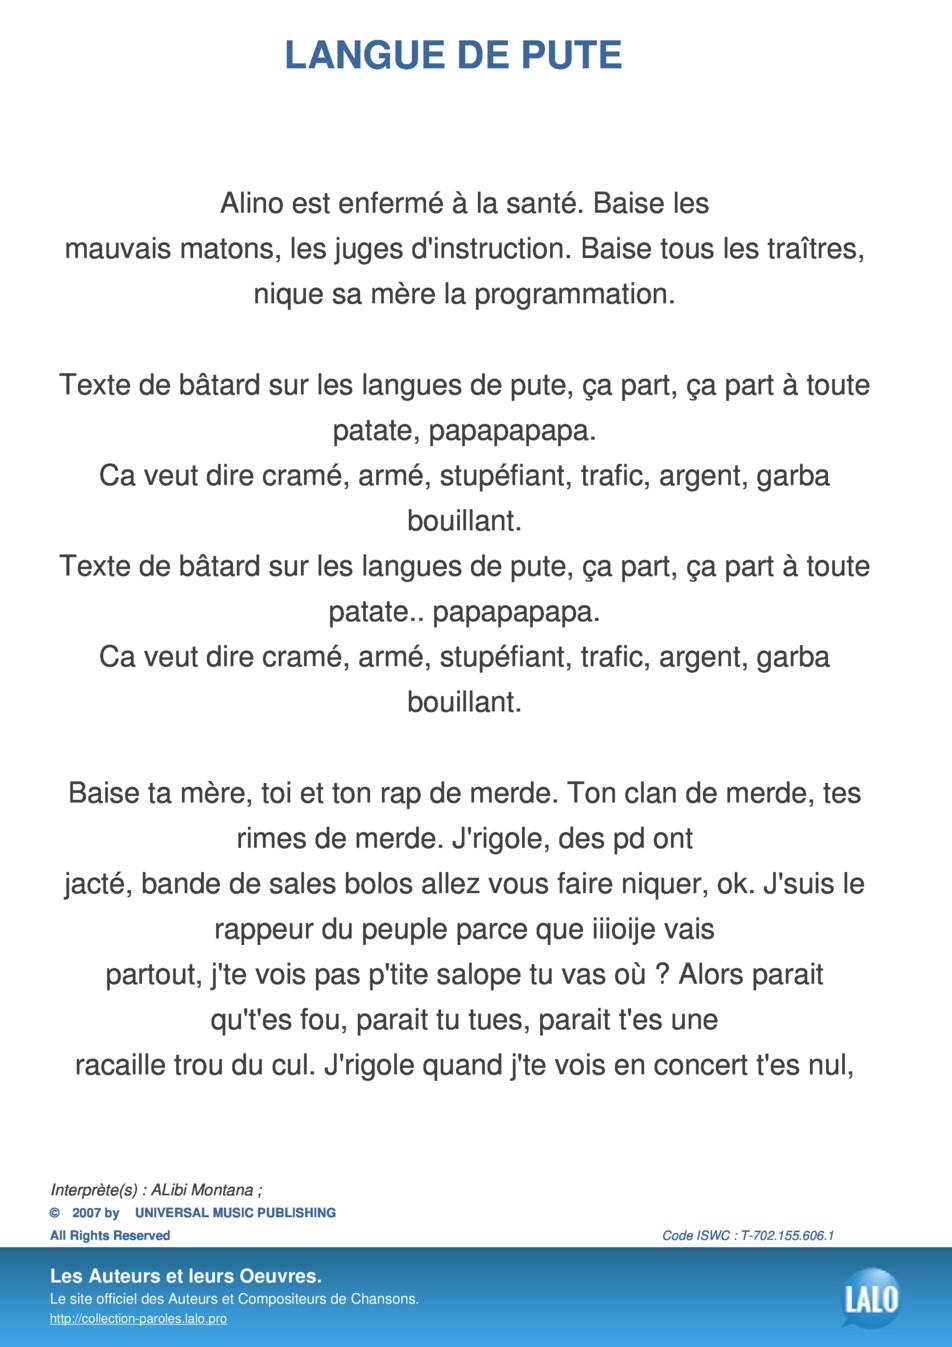 Paroles Et Musique De Langue De Pute Alibi Montana - Lalo.pro pour Chanson De La Patate